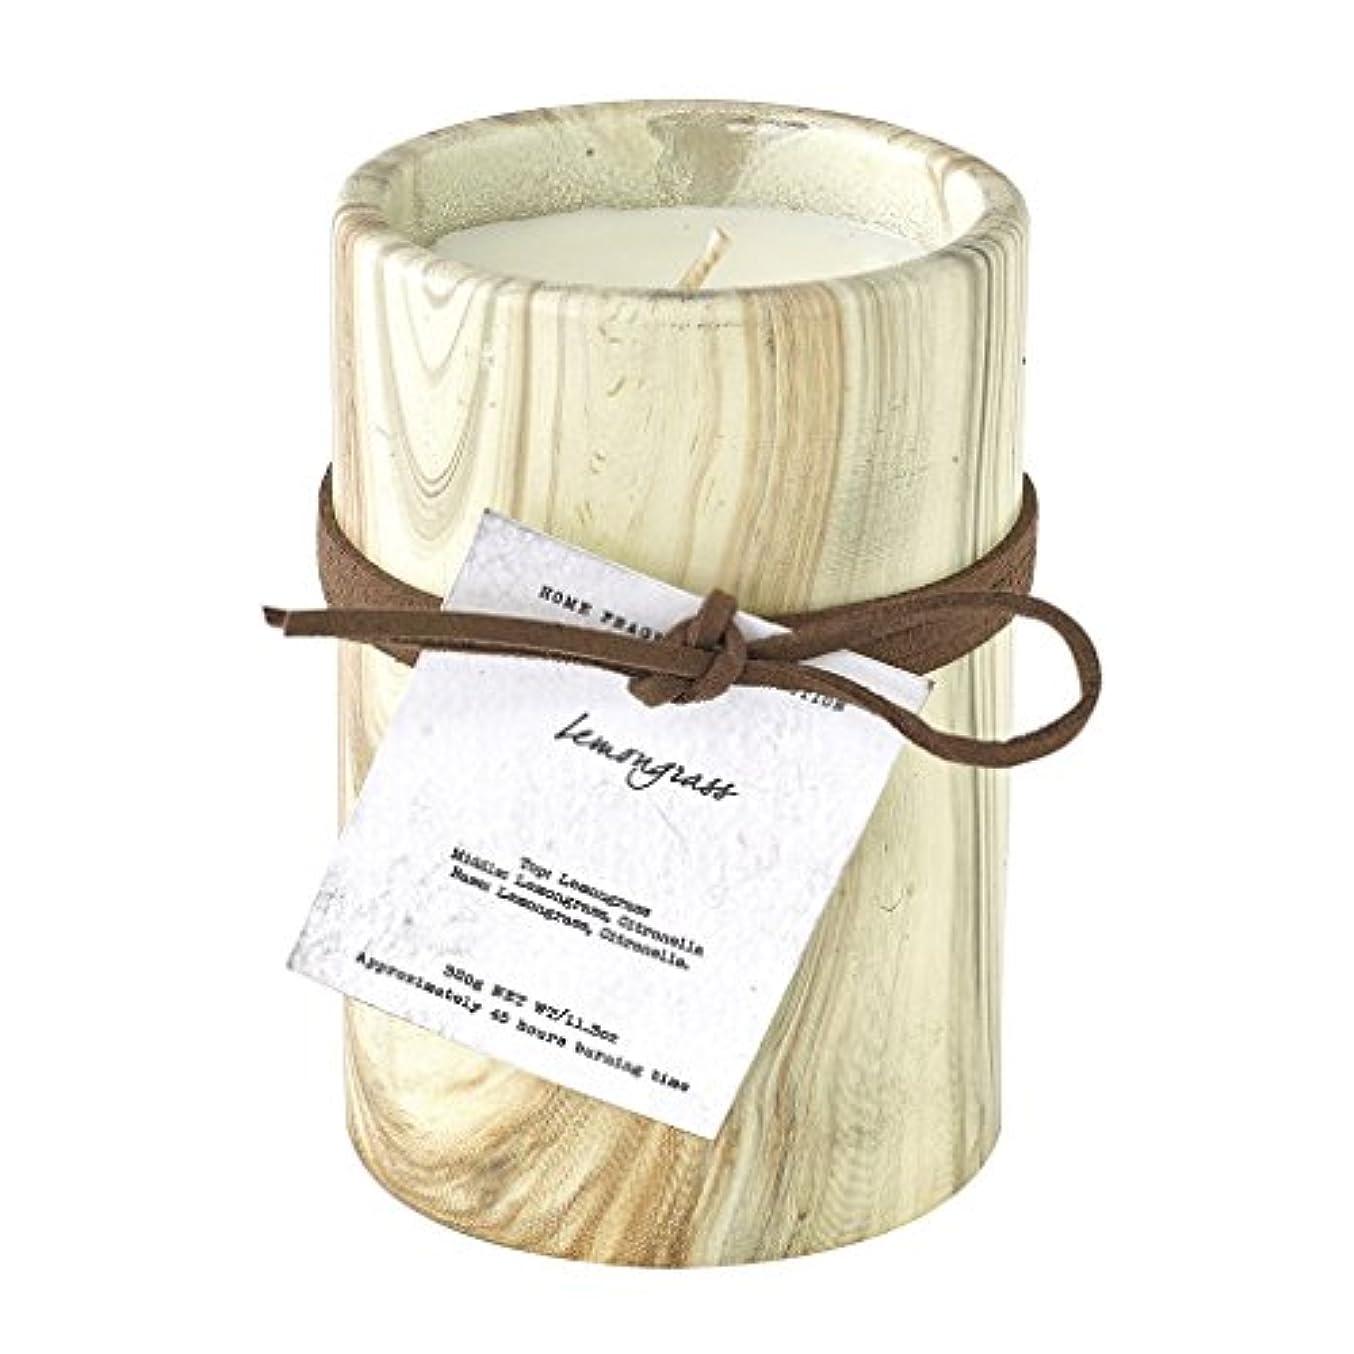 インタフェース植物学枕SPICE OF LIFE ろうそく マーブルアロマキャンドル レモングラス 250g 直径8cm 高さ11cm 香り 癒し リラックス SMLH1030LG